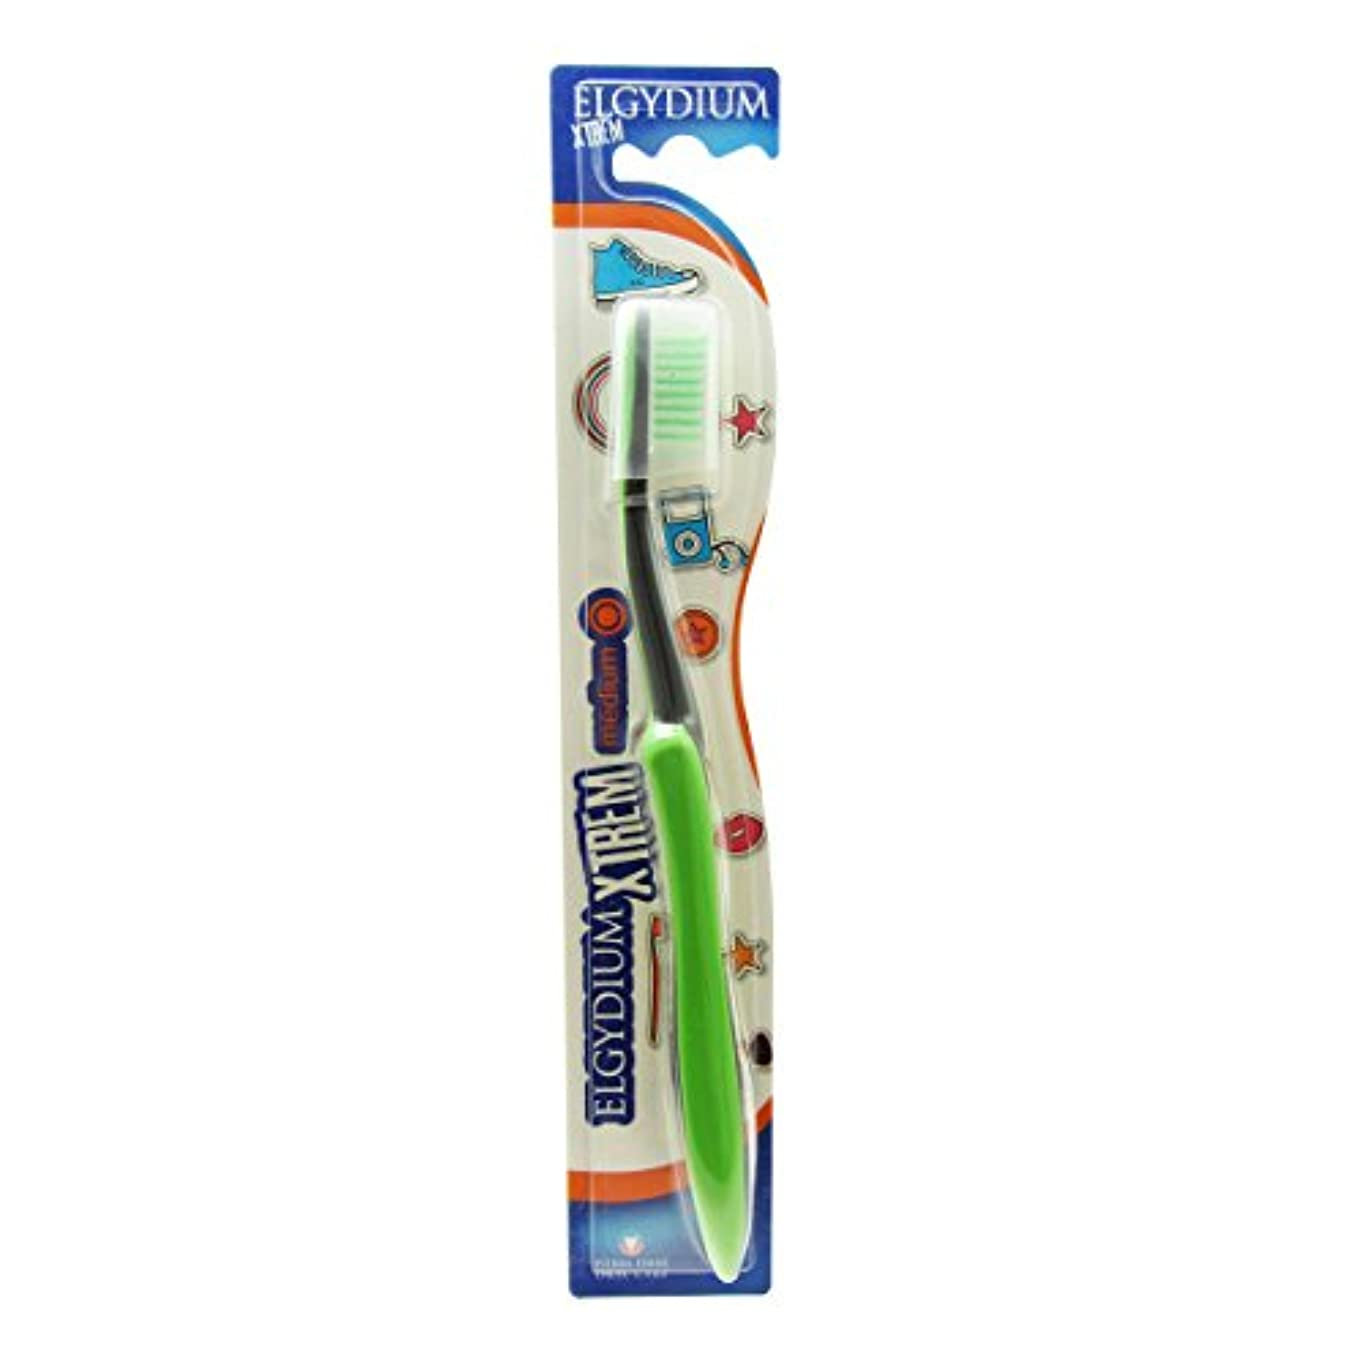 しないでください発生する試すElgydium Xtrem Toothbrush Medium Hardness [並行輸入品]